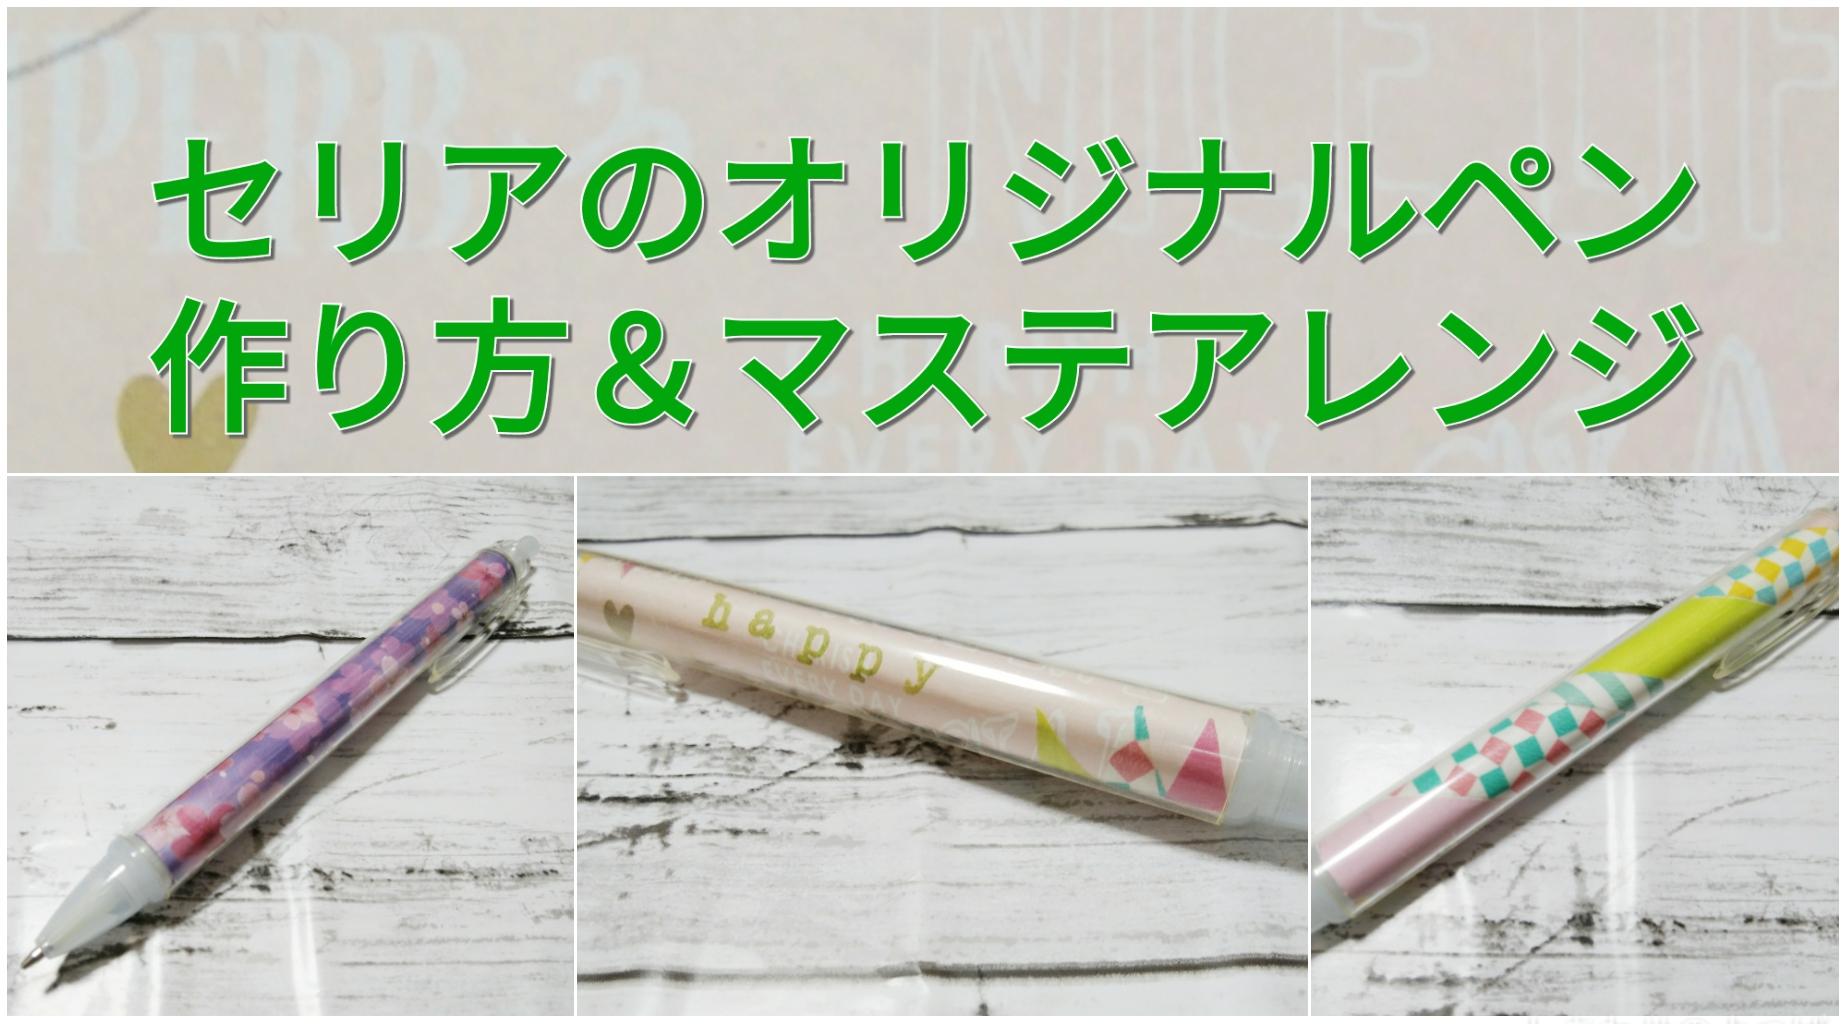 セリアのオリジナルペン作り方